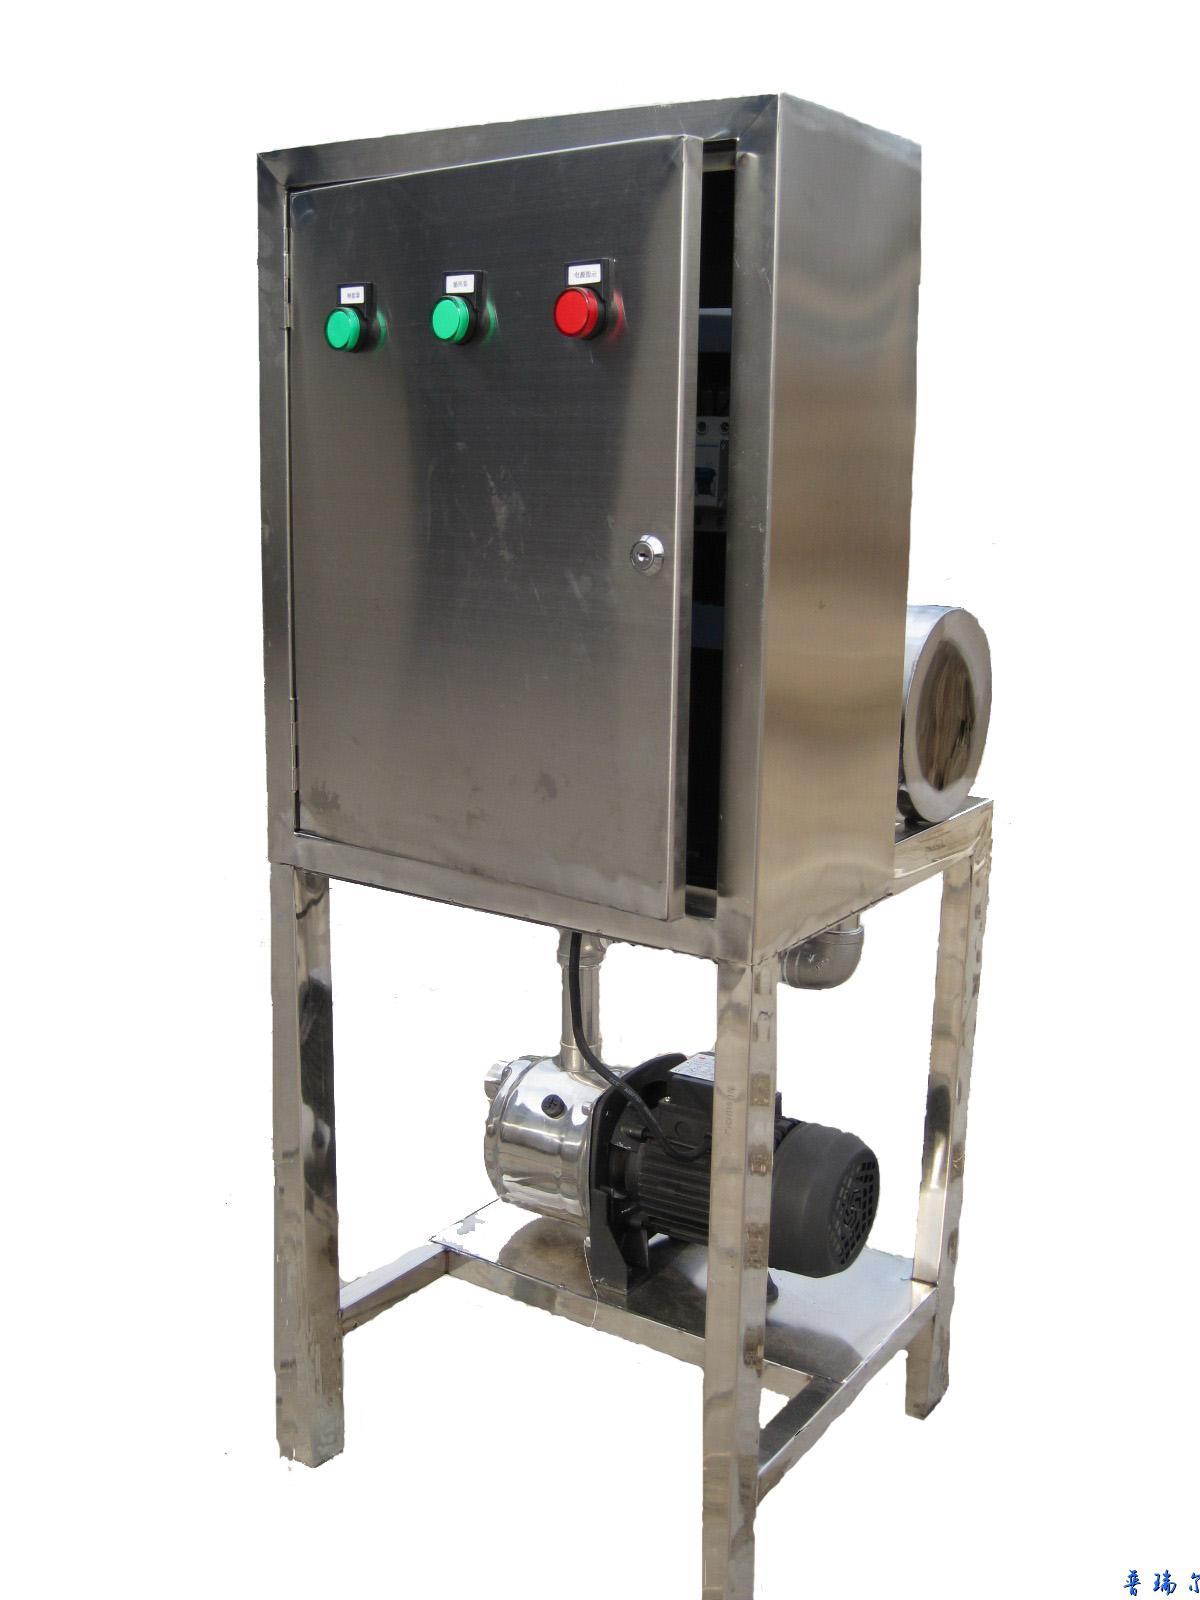 能量控制器采用循环脉冲放电控制循环释能器向水中释